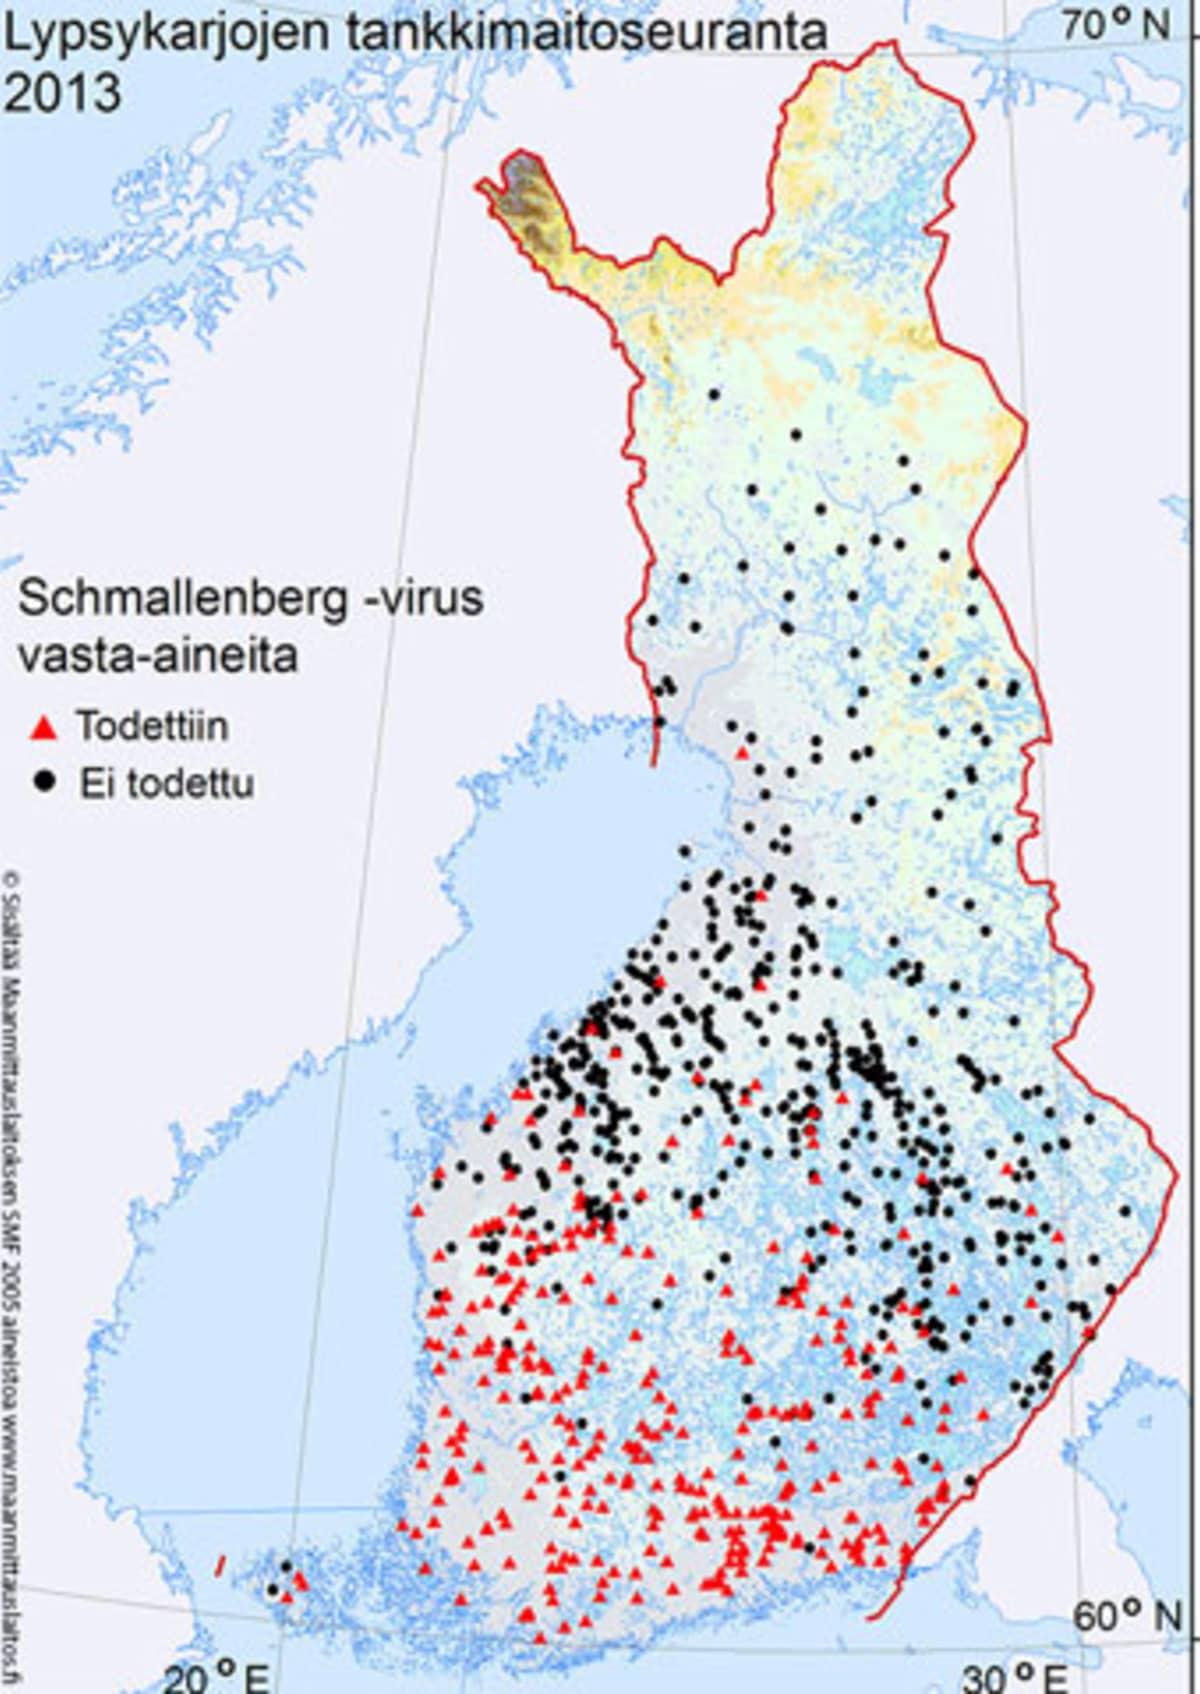 Eviran karttakuva Schmallenberg-viruksen leviämisestä kertovista vasta-ainehavainnoista.